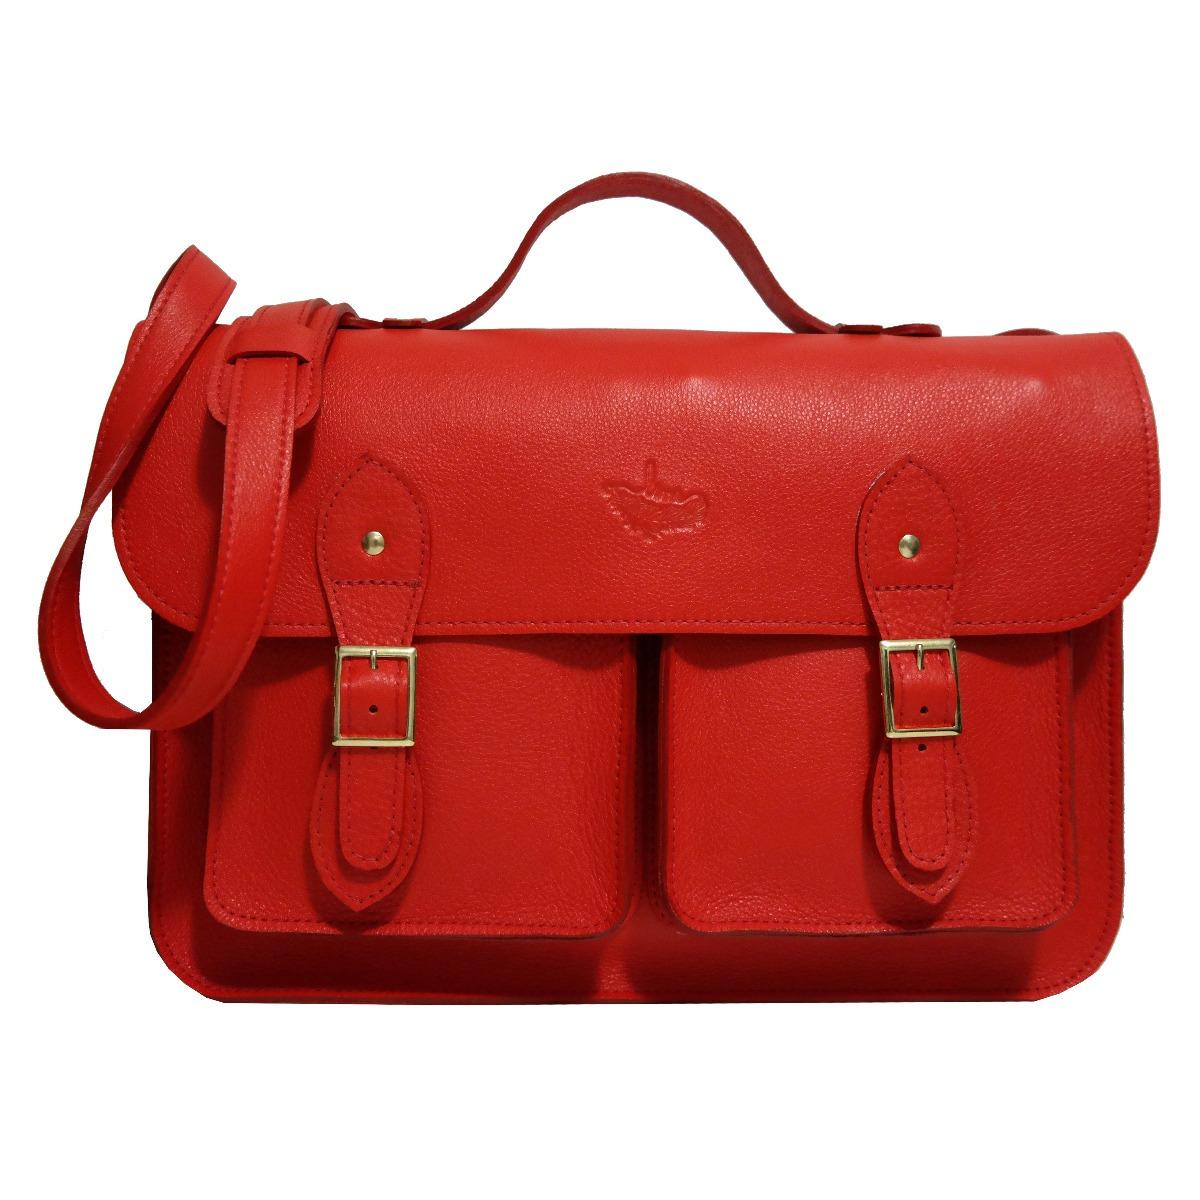 f55910882 bolsa carteiro satchel bolsos couro legítimo bovino grande. Carregando zoom.